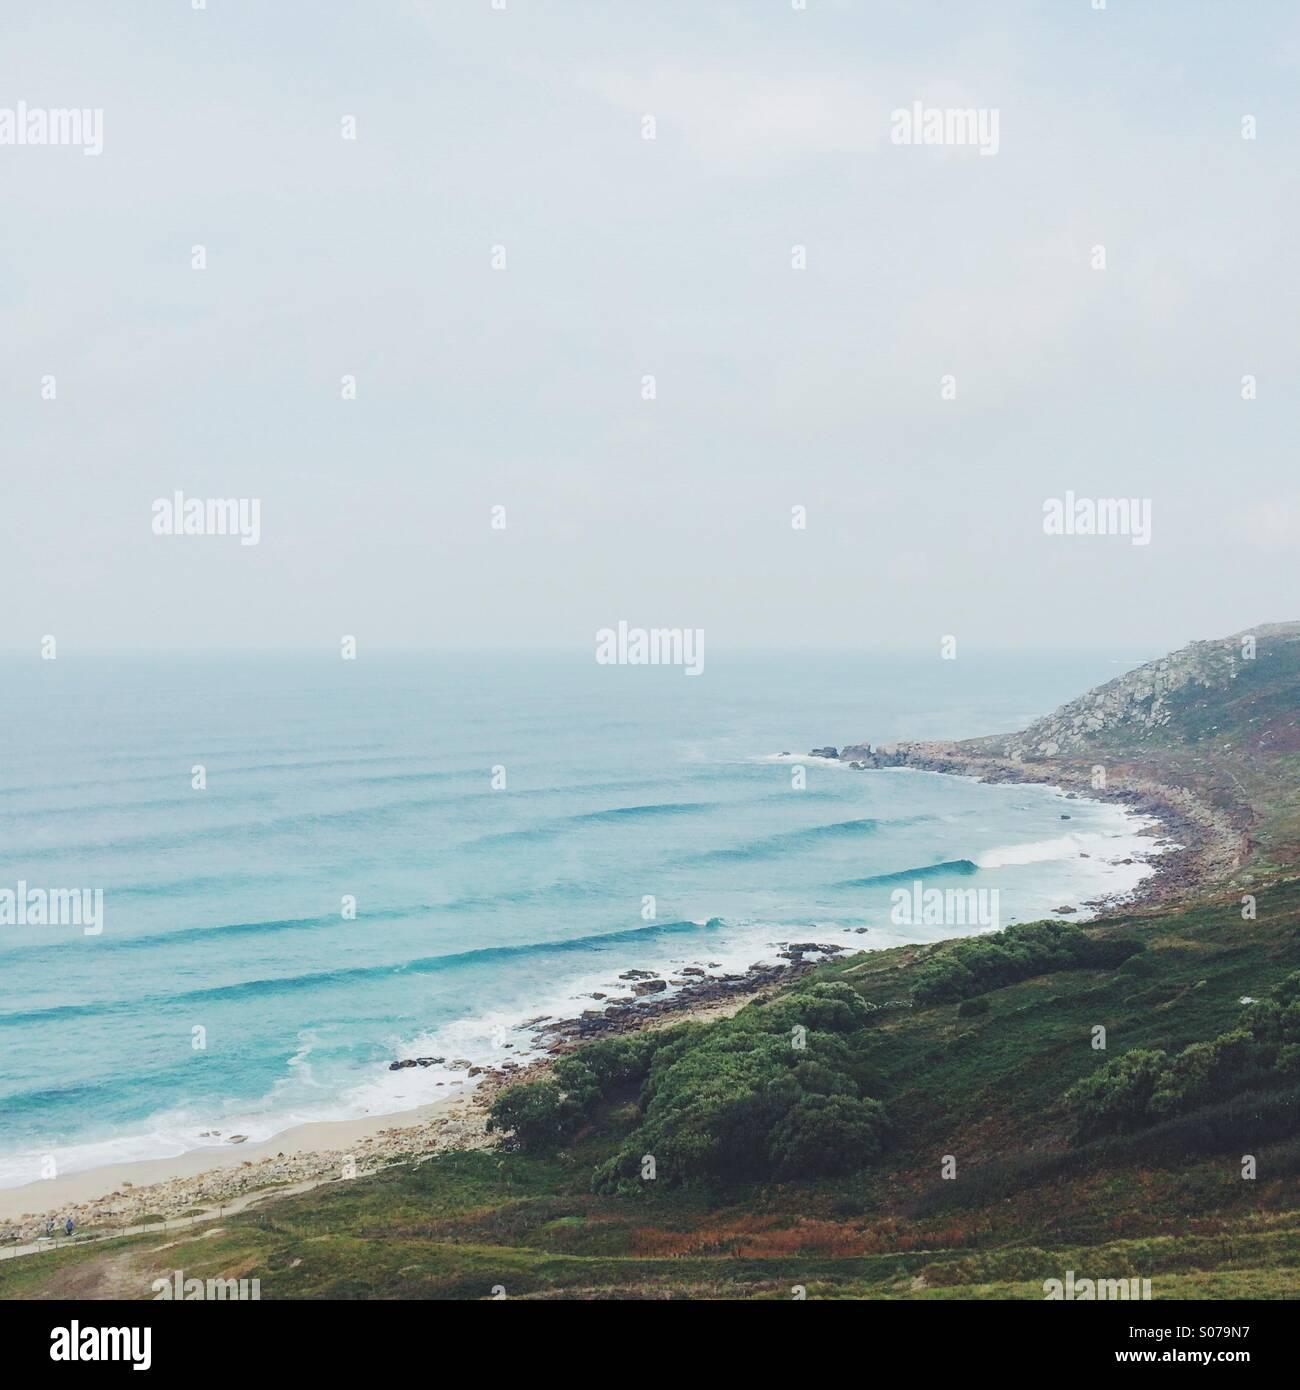 Las olas rodando en una orilla rocosa y cabecera. Imagen De Stock